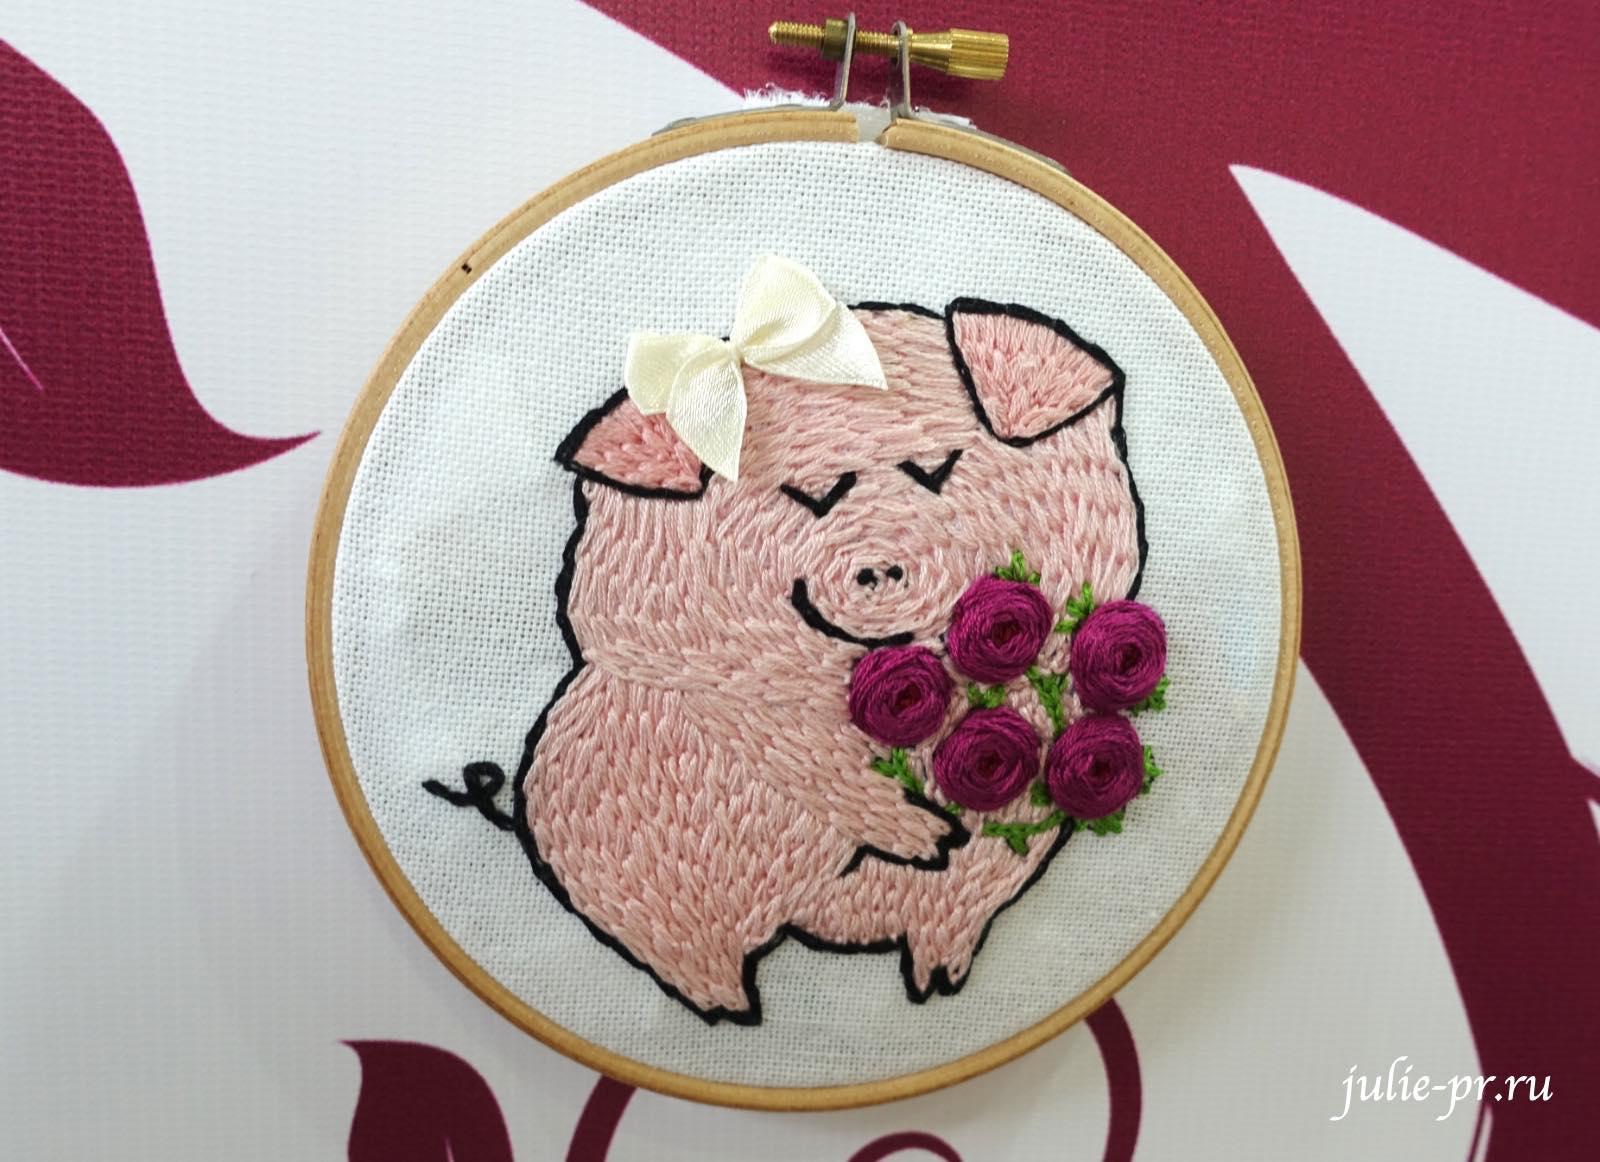 вышивка гладью, поросенок, год свиньи, риолис, формула рукоделия